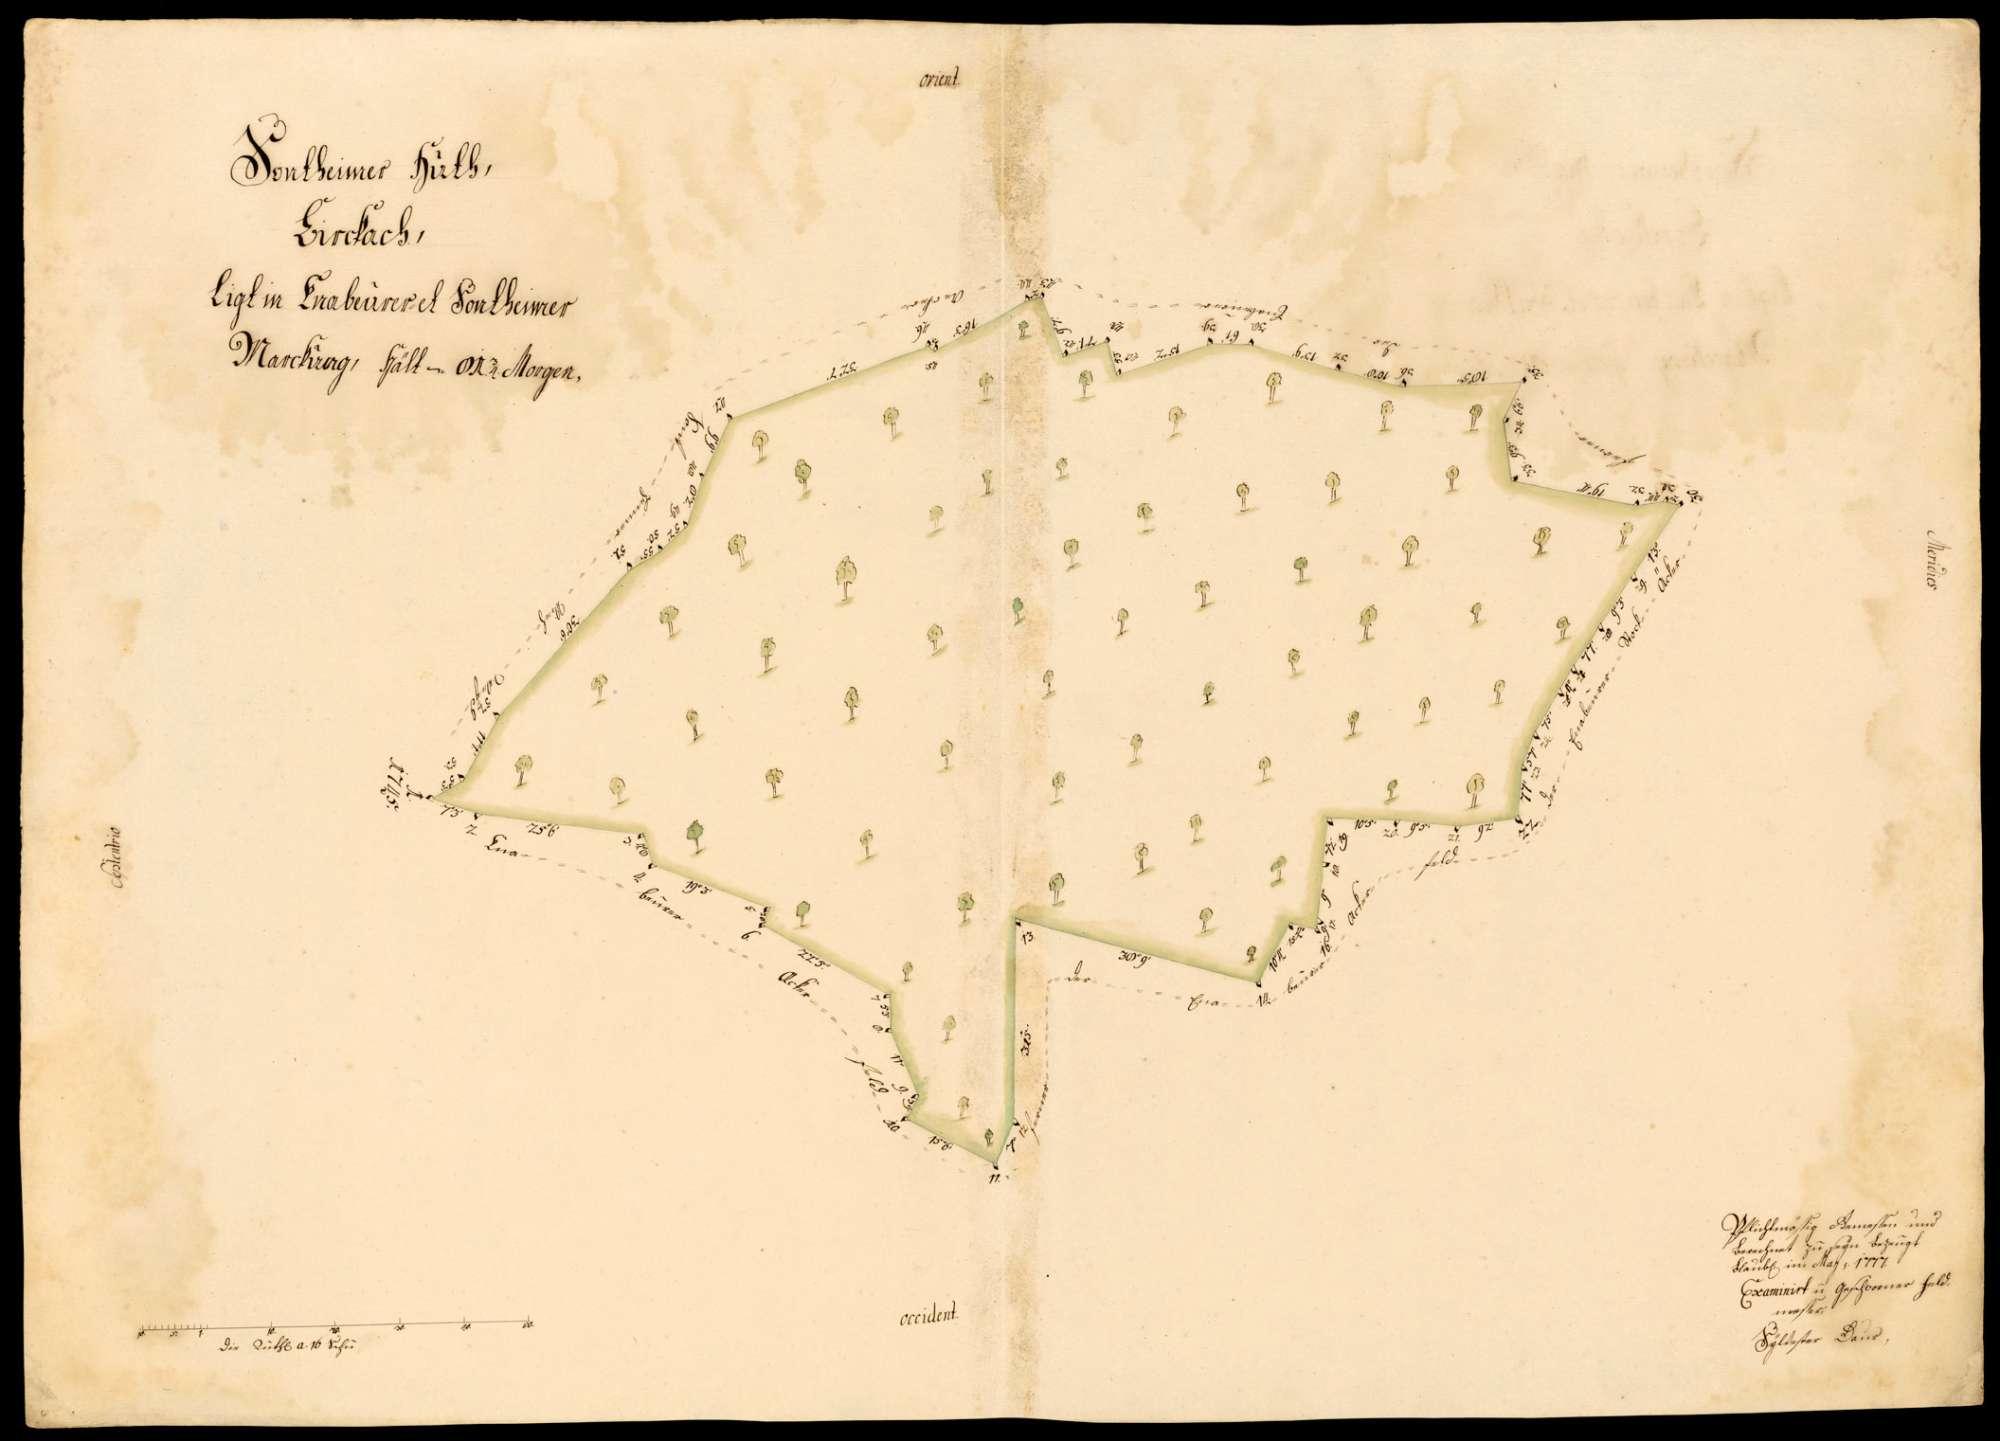 """[Kloster Blaubeuren:] """"Sontheimer Hut, Birkach, liegt in Ennabeurer und Sontheimer Markung"""", Bild 1"""